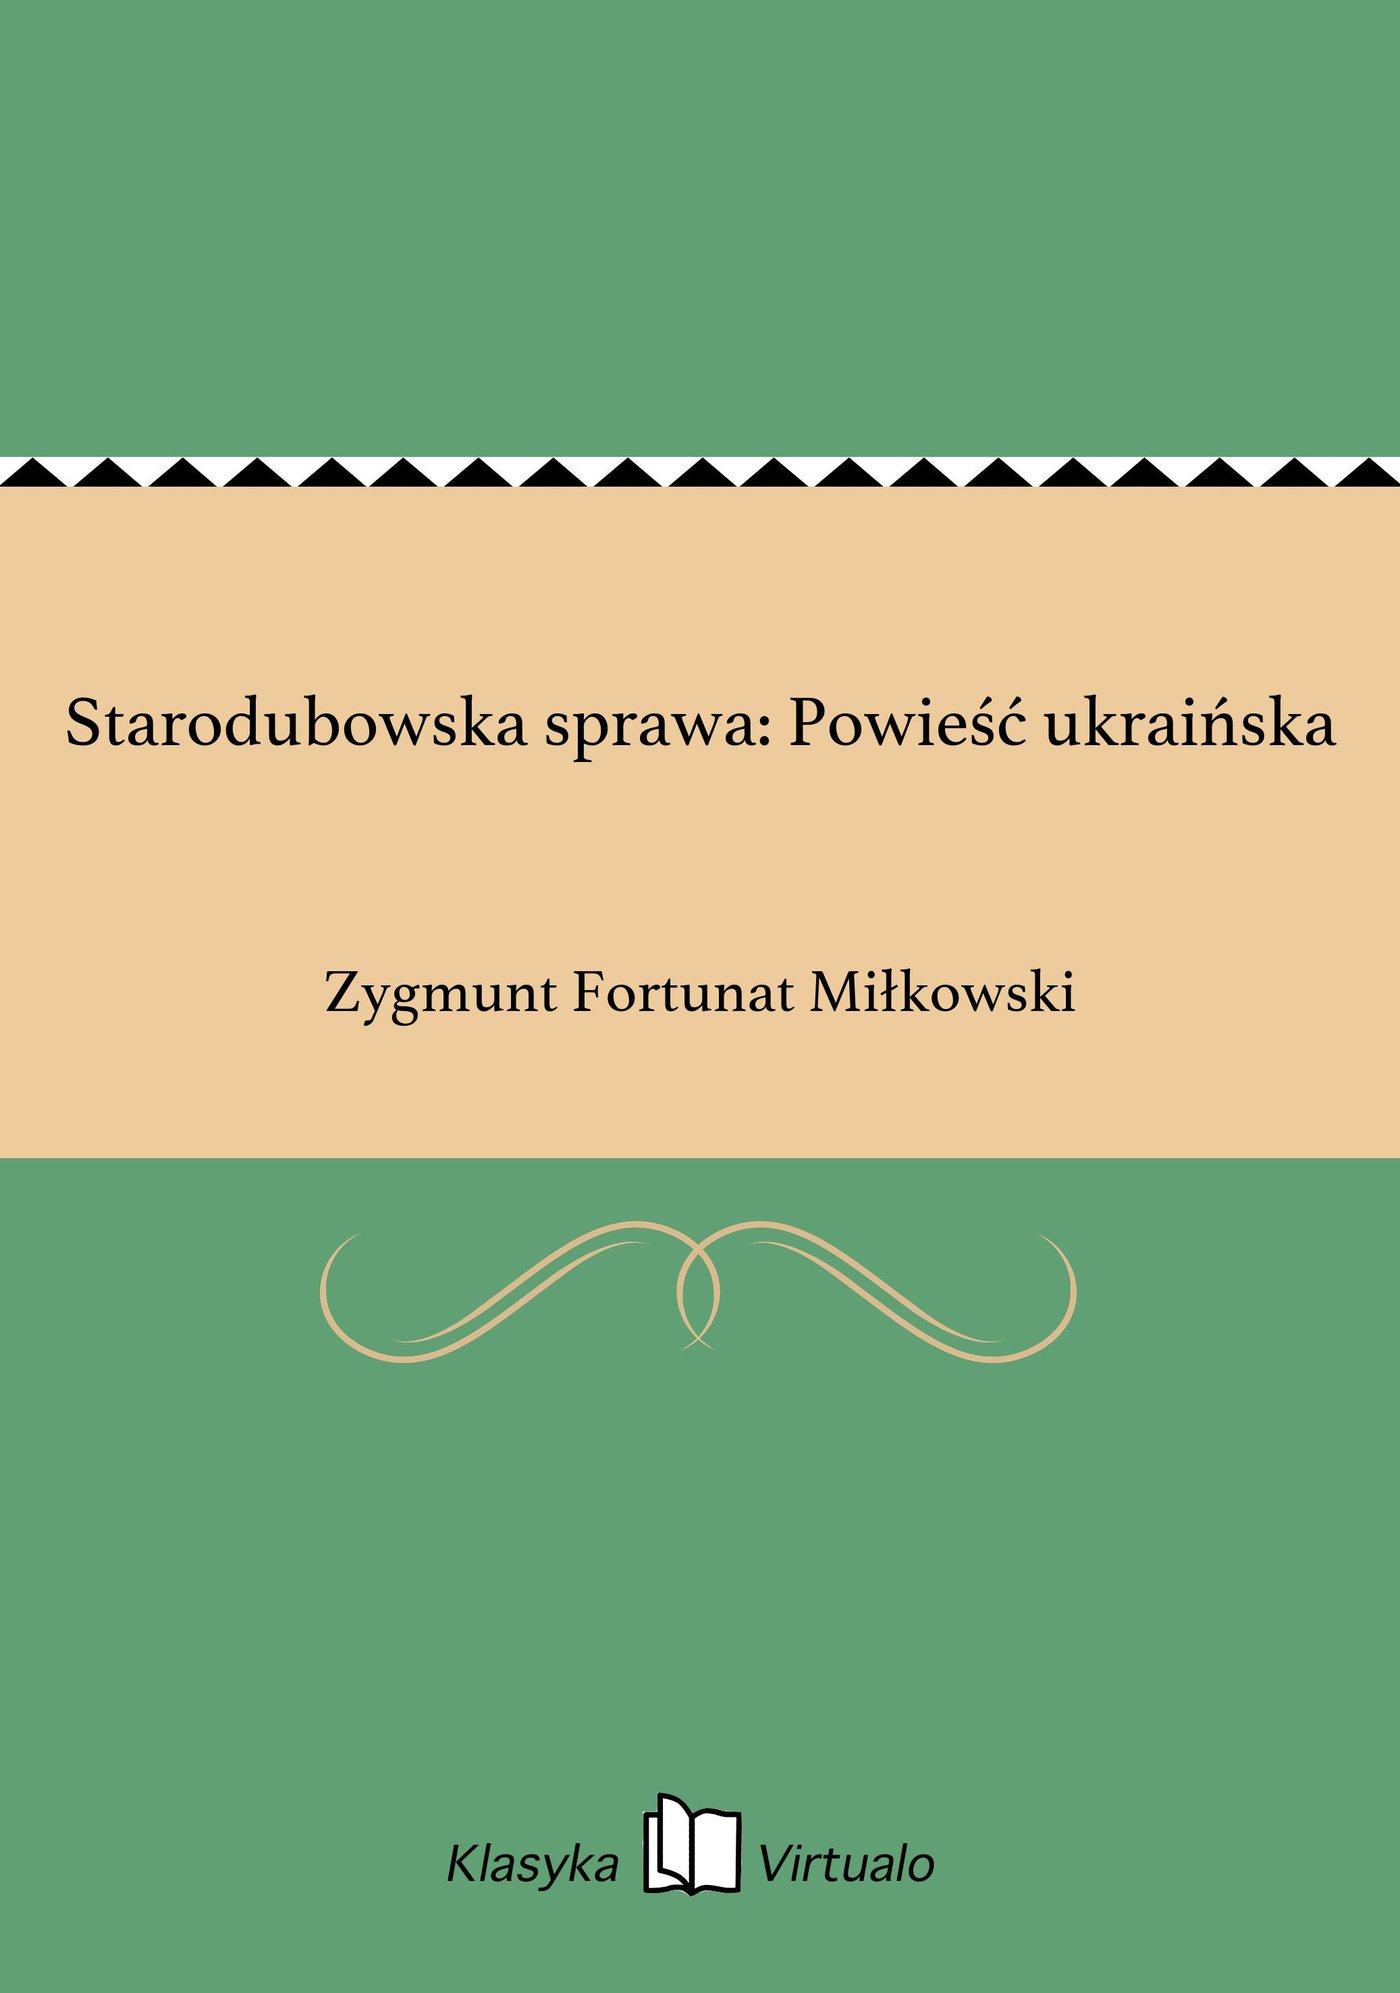 Starodubowska sprawa: Powieść ukraińska - Ebook (Książka EPUB) do pobrania w formacie EPUB